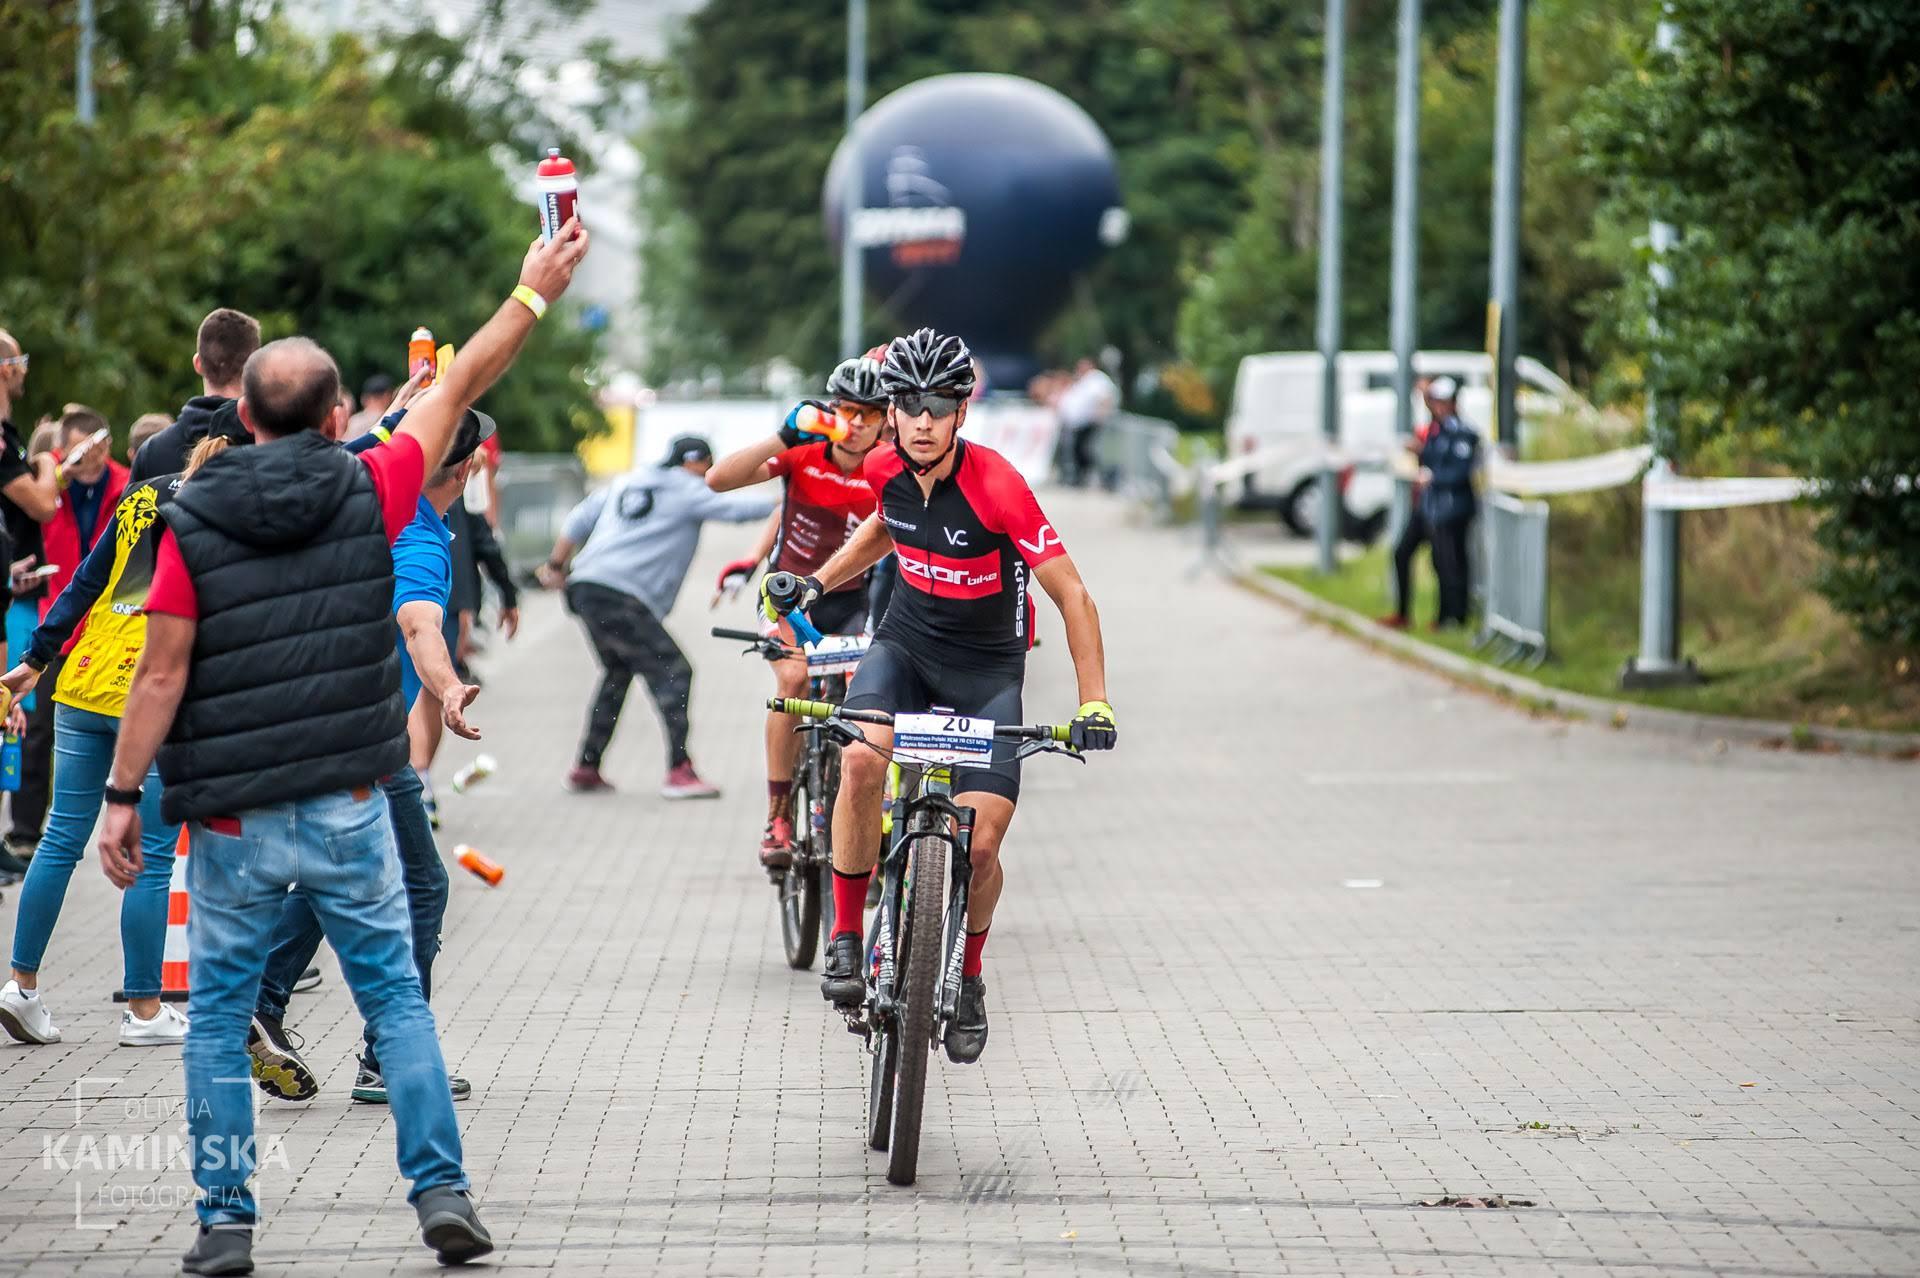 Maciej Jeziorski (jezior.bike) – Mistrzostwa Polski XCM, Gdynia